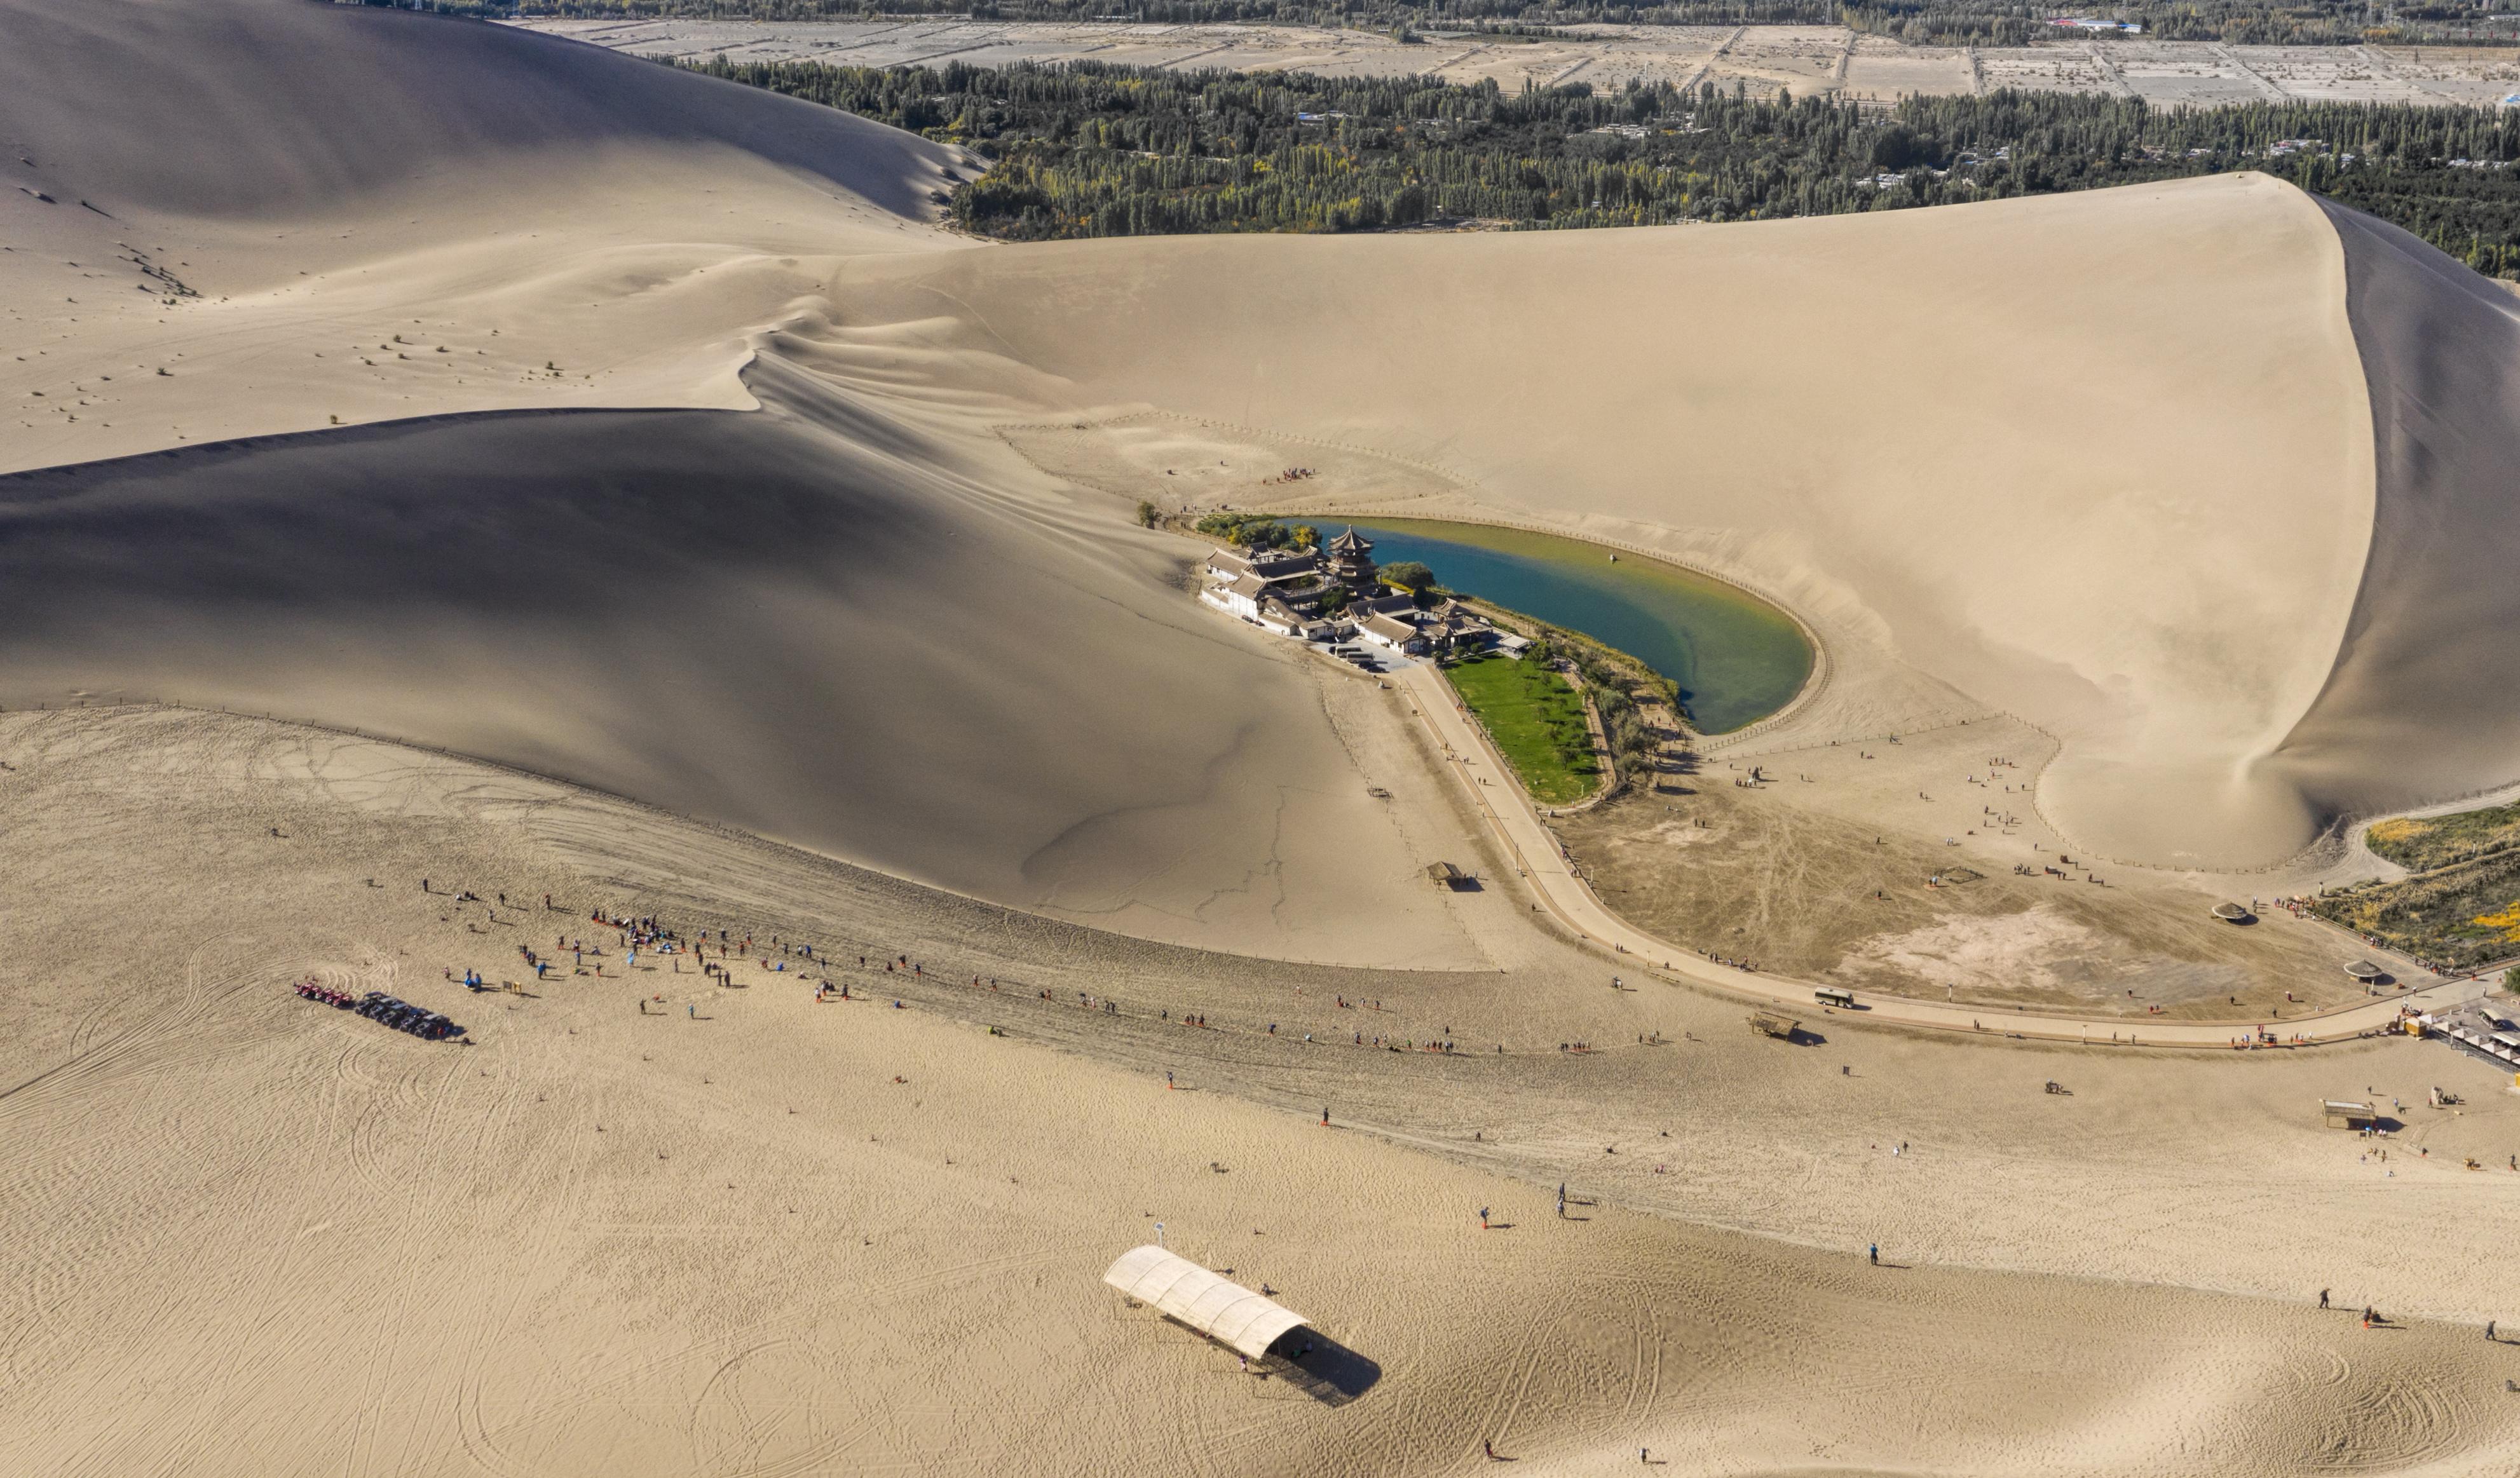 В сърцето на пустинята Гоби се намира истински приказен оазис – езеро с формата на полумесец. Разположено е на 6 км от град Дунхуан, а край водите му се издига един от най-големите будистки храмове в света. Водите му са изключително прозрачни и чисти. Според еколозите обаче езерото е на път да изчезне – през последните няколко десетилетия то е намалило значително нивото си.